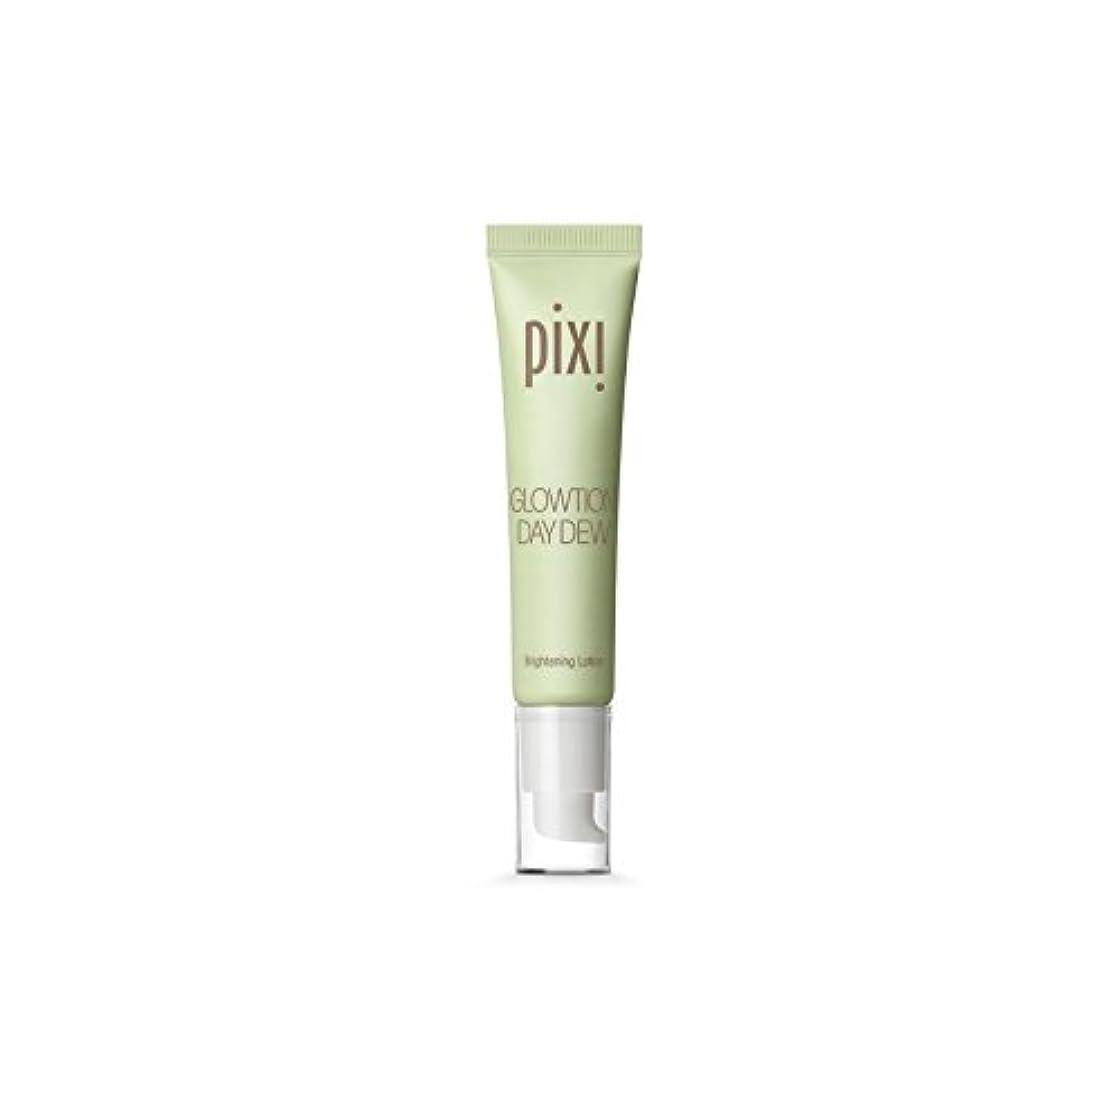 献身種カビPixi Pixi Glowtion Day Dew (Pack of 6) - 日露 x6 [並行輸入品]